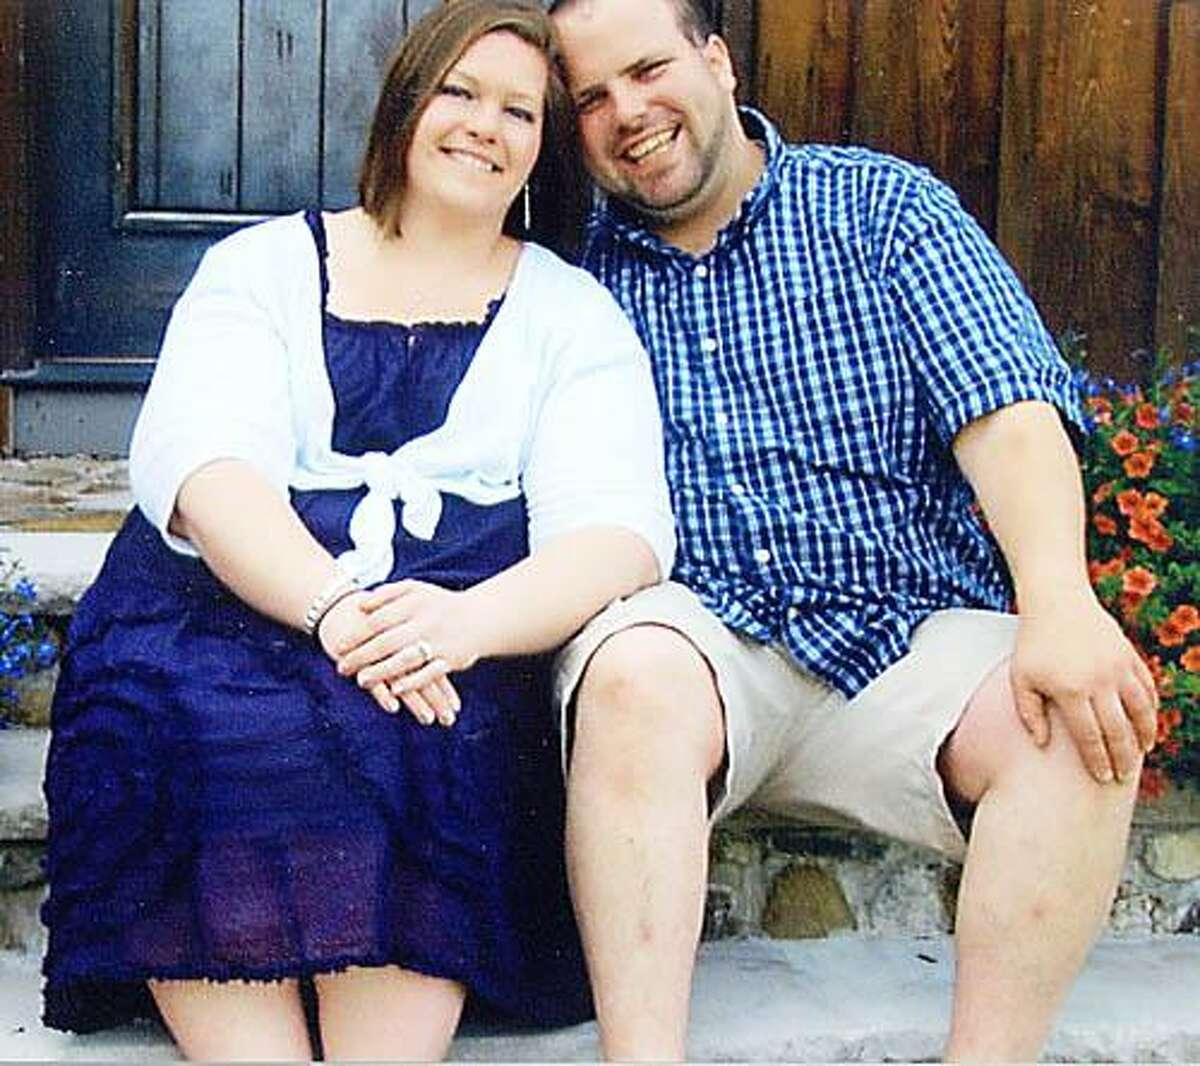 Valerie June Shantal and Robert James Weir III